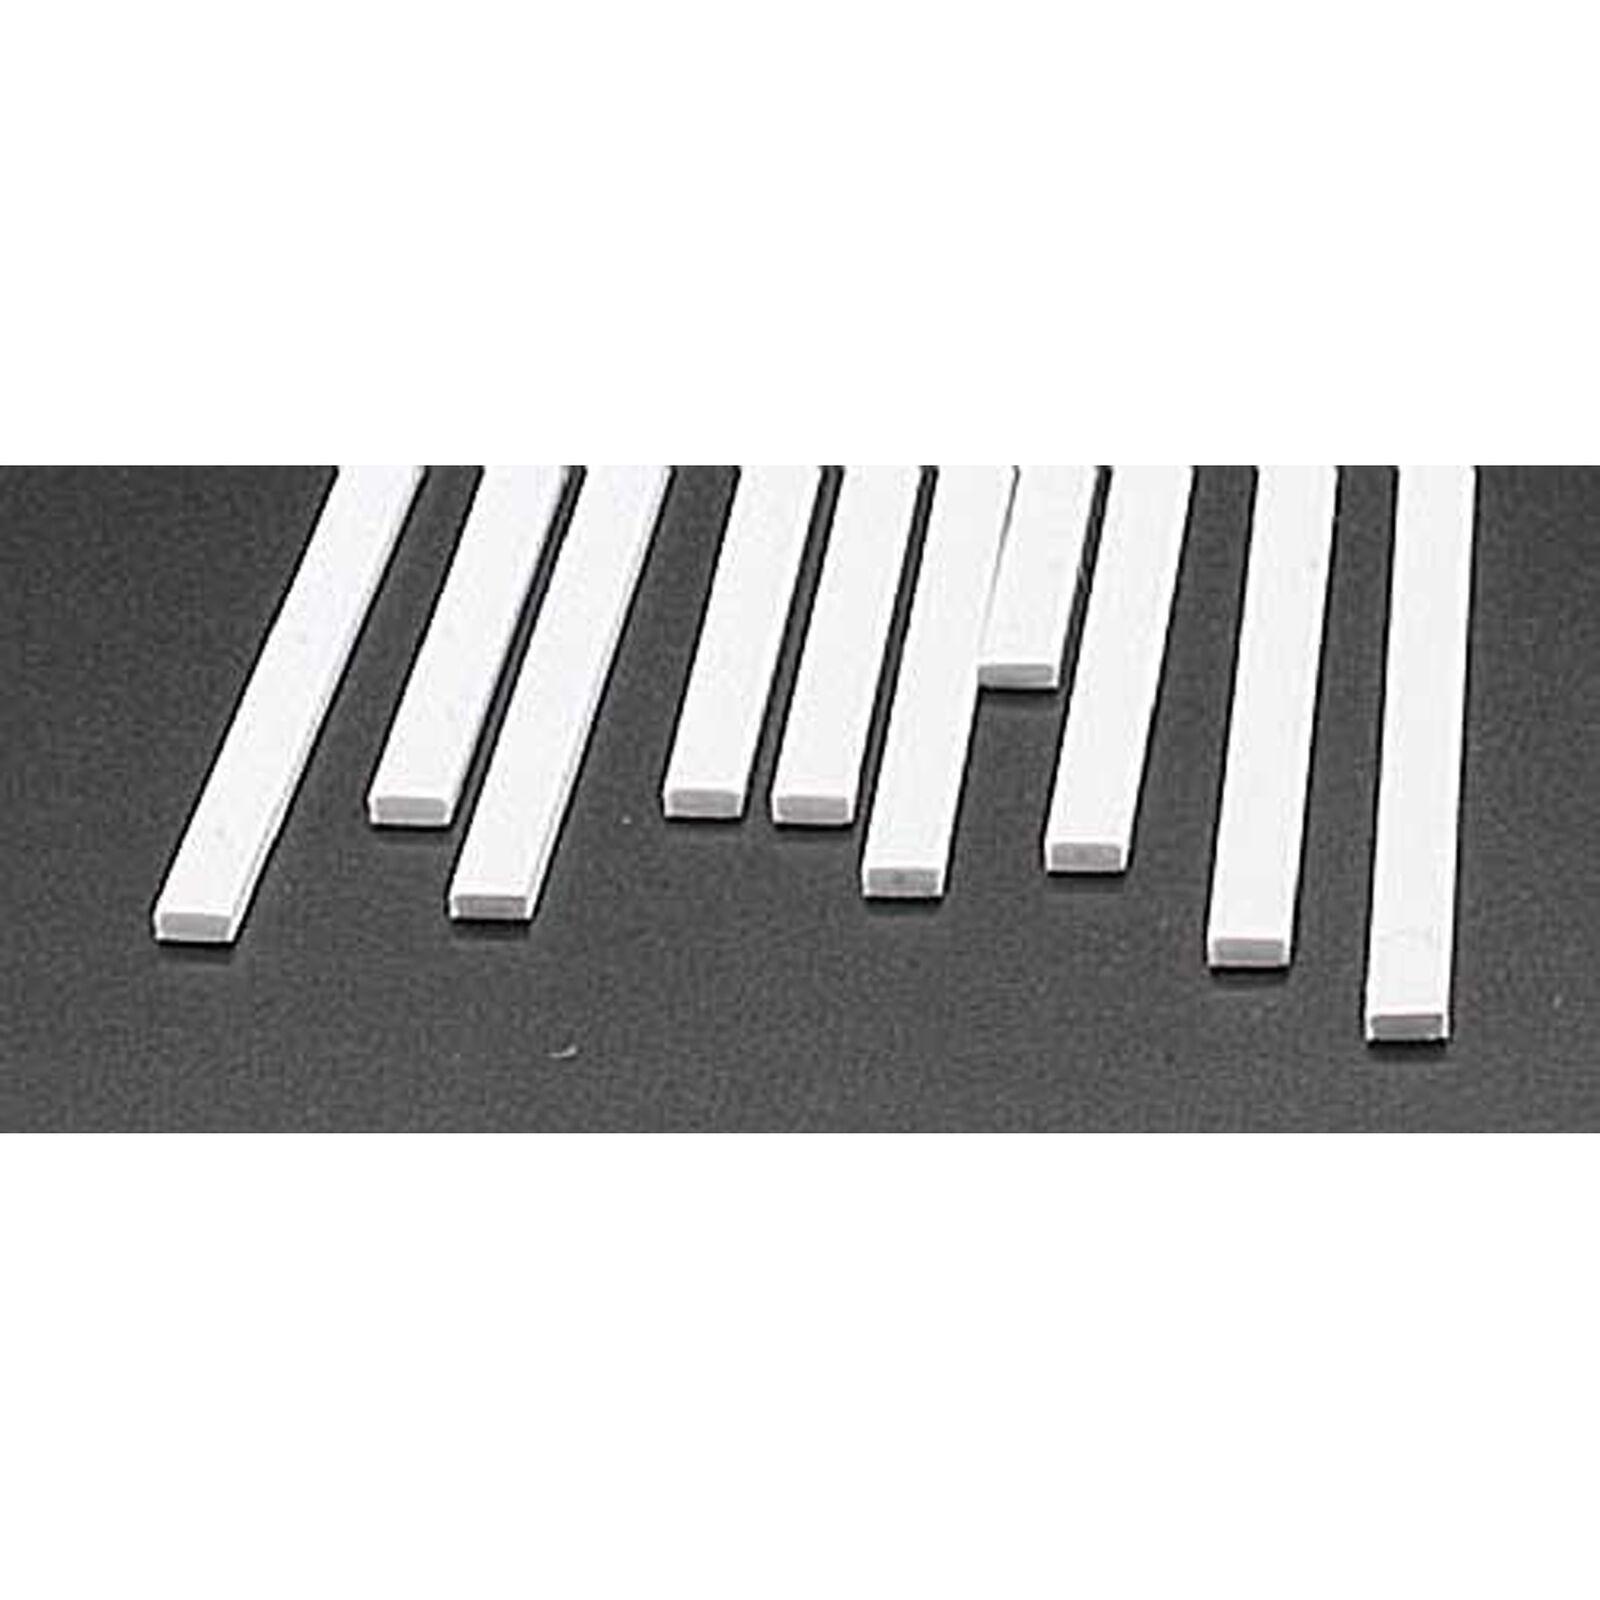 MS-819 Rect Strip,.080x.187 (10)